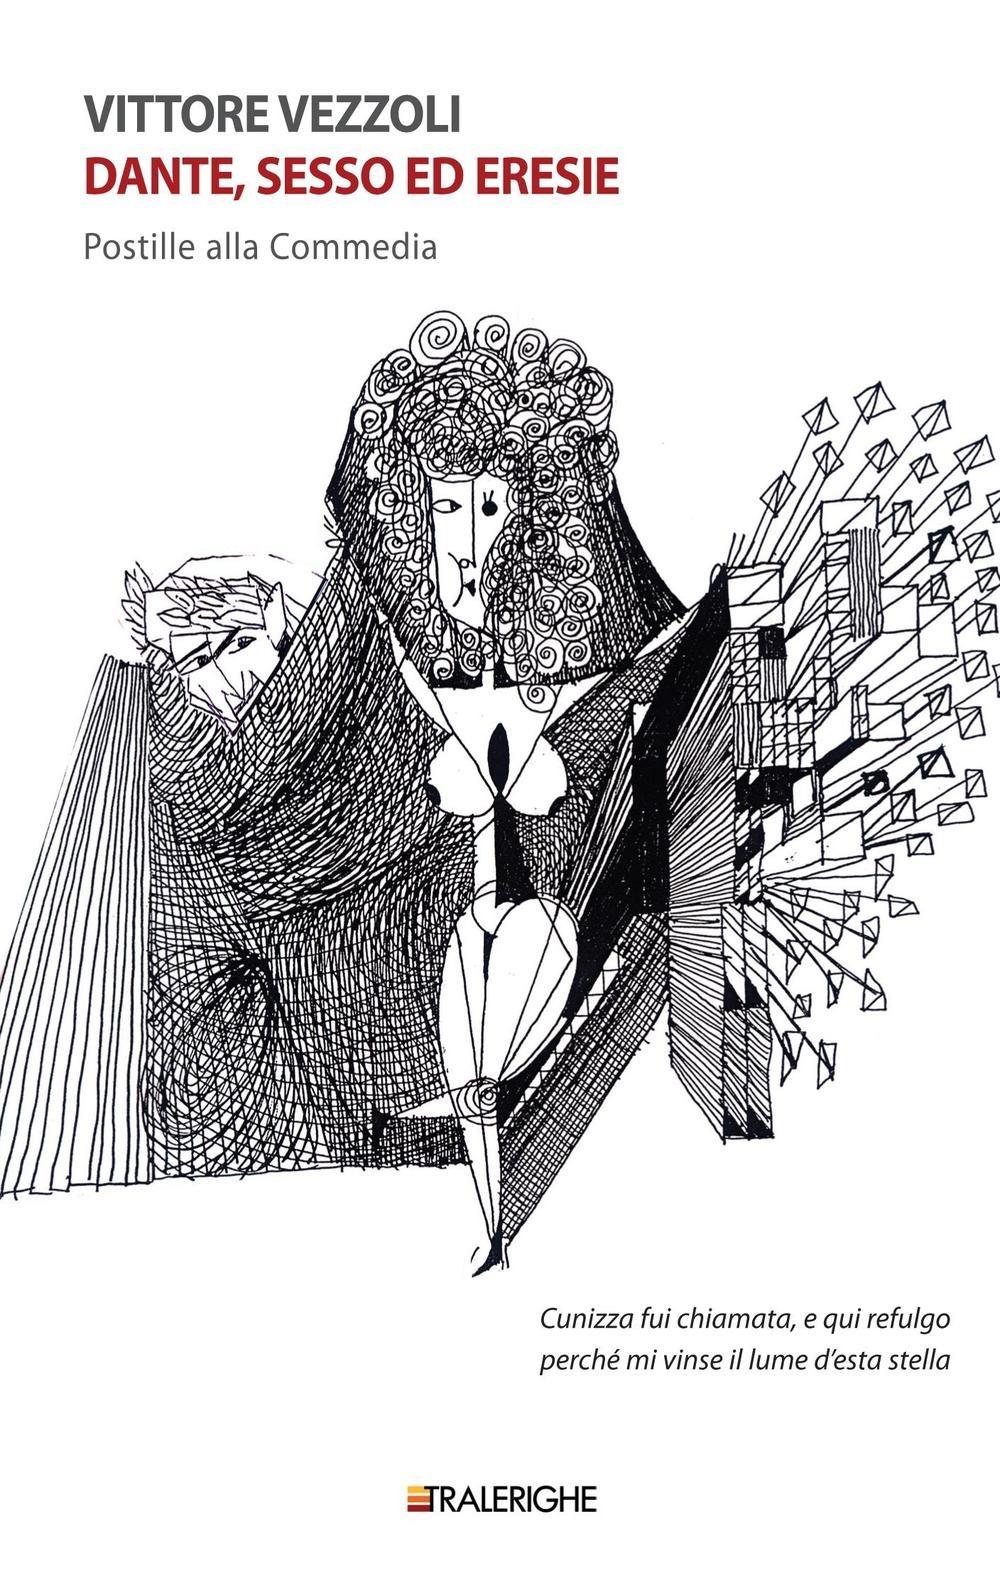 Dante, sesso ed eresie